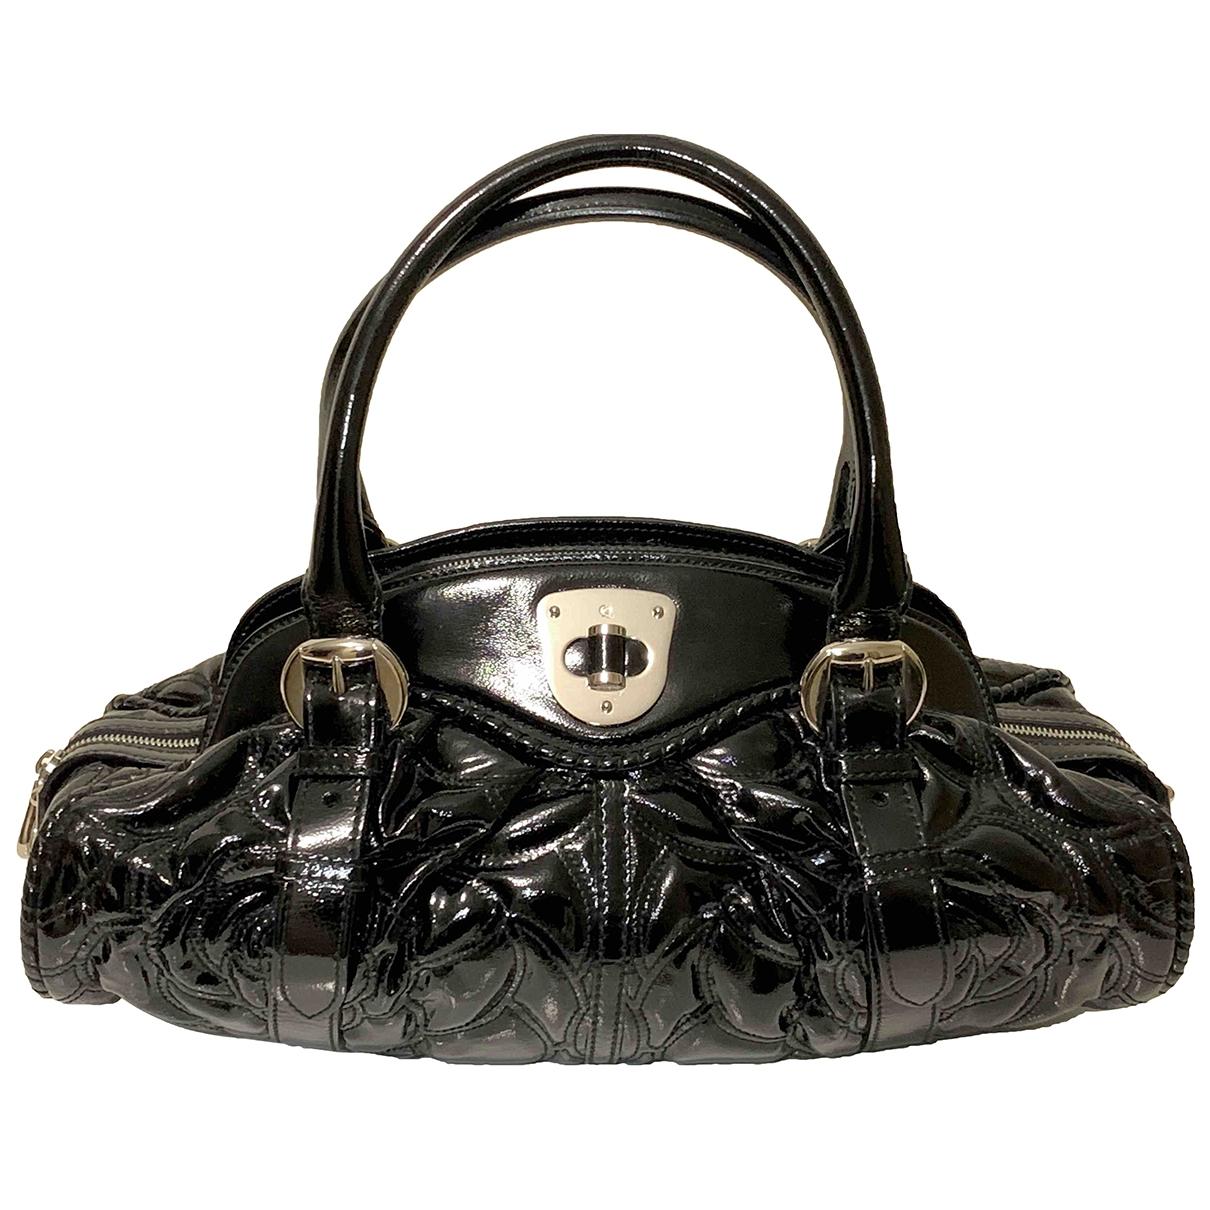 Alexander Mcqueen \N Handtasche in  Schwarz Lackleder